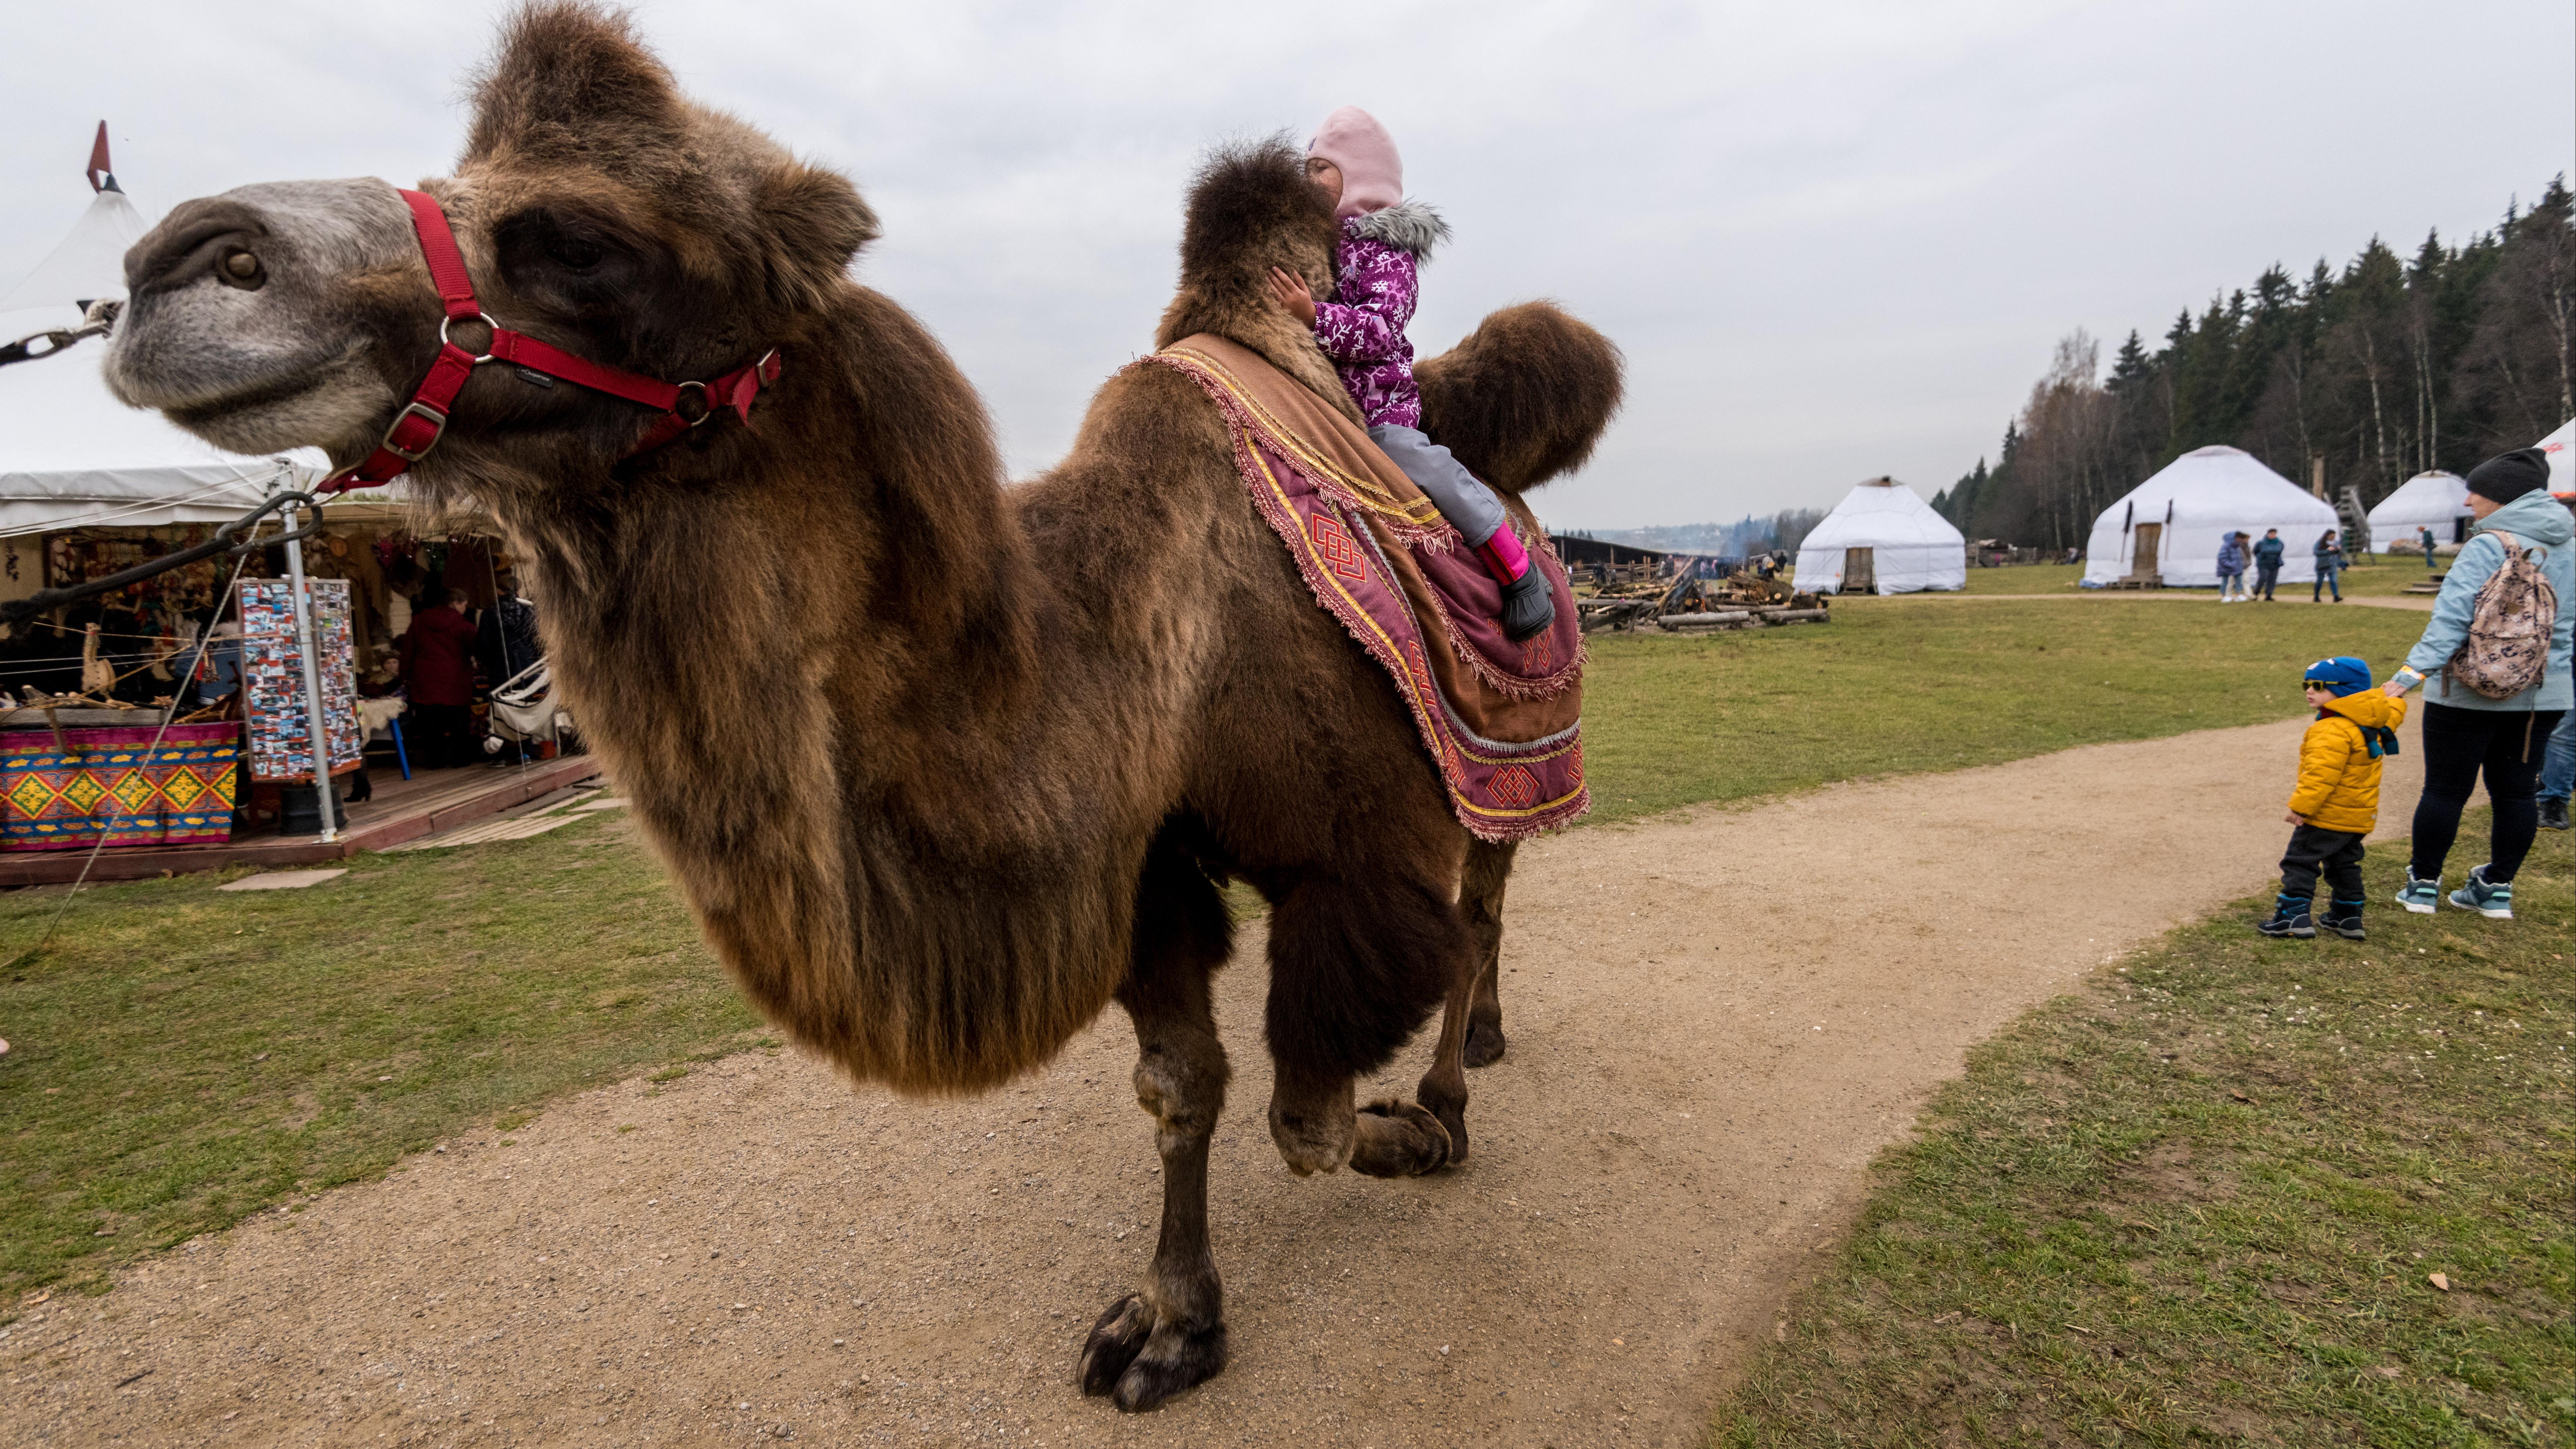 Суровый Север и верблюжьи нежности: подкаст «Путь-дорога» побывал в этнопарке «Кочевник»